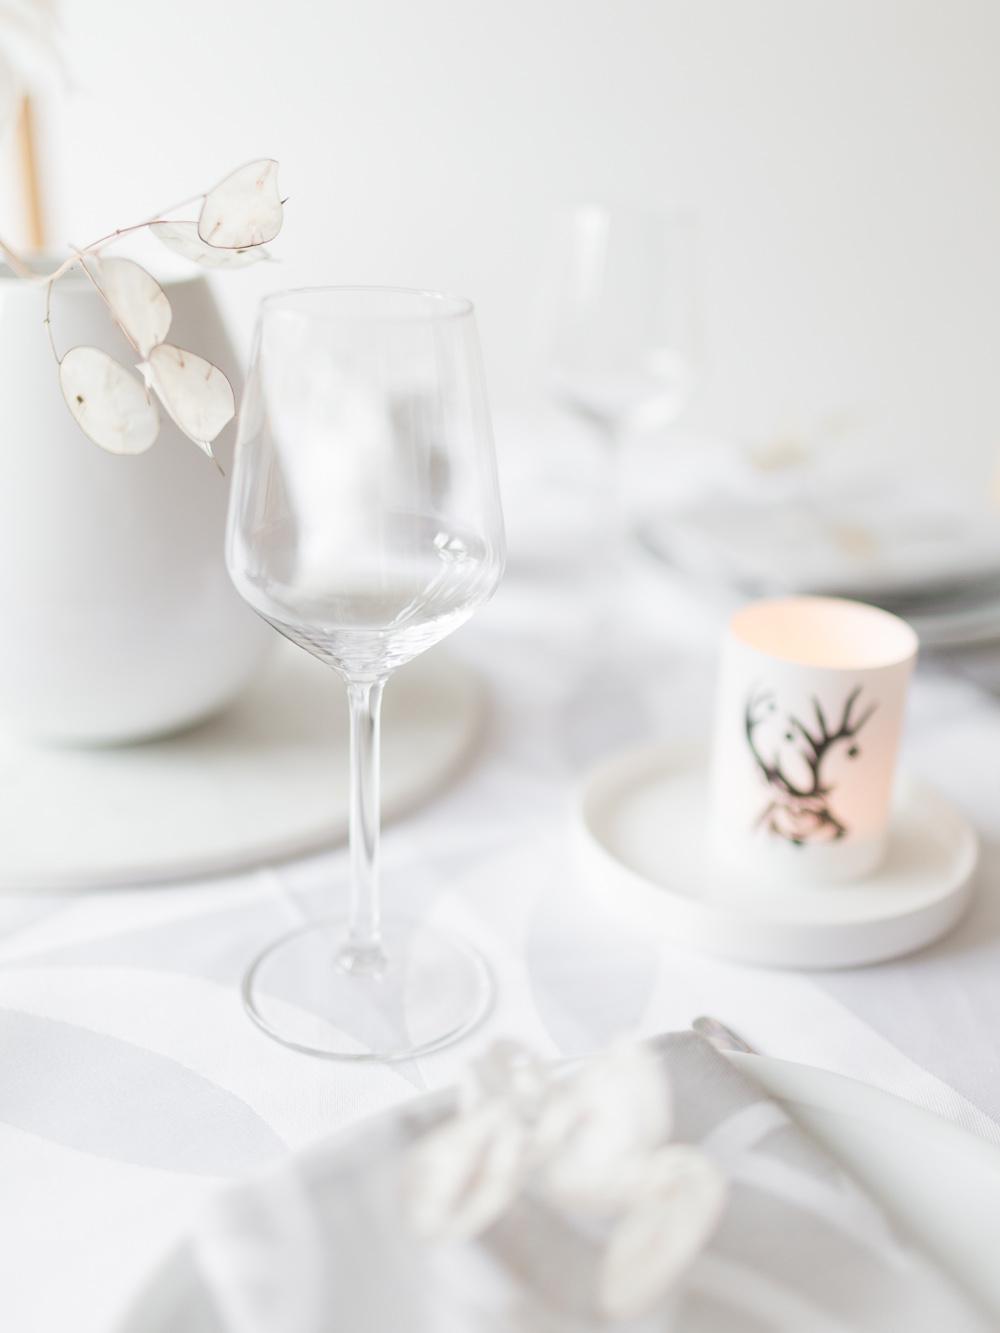 Blanccoco_Photographe_Jacquard_Francais_Styliste_Culinaire-6b